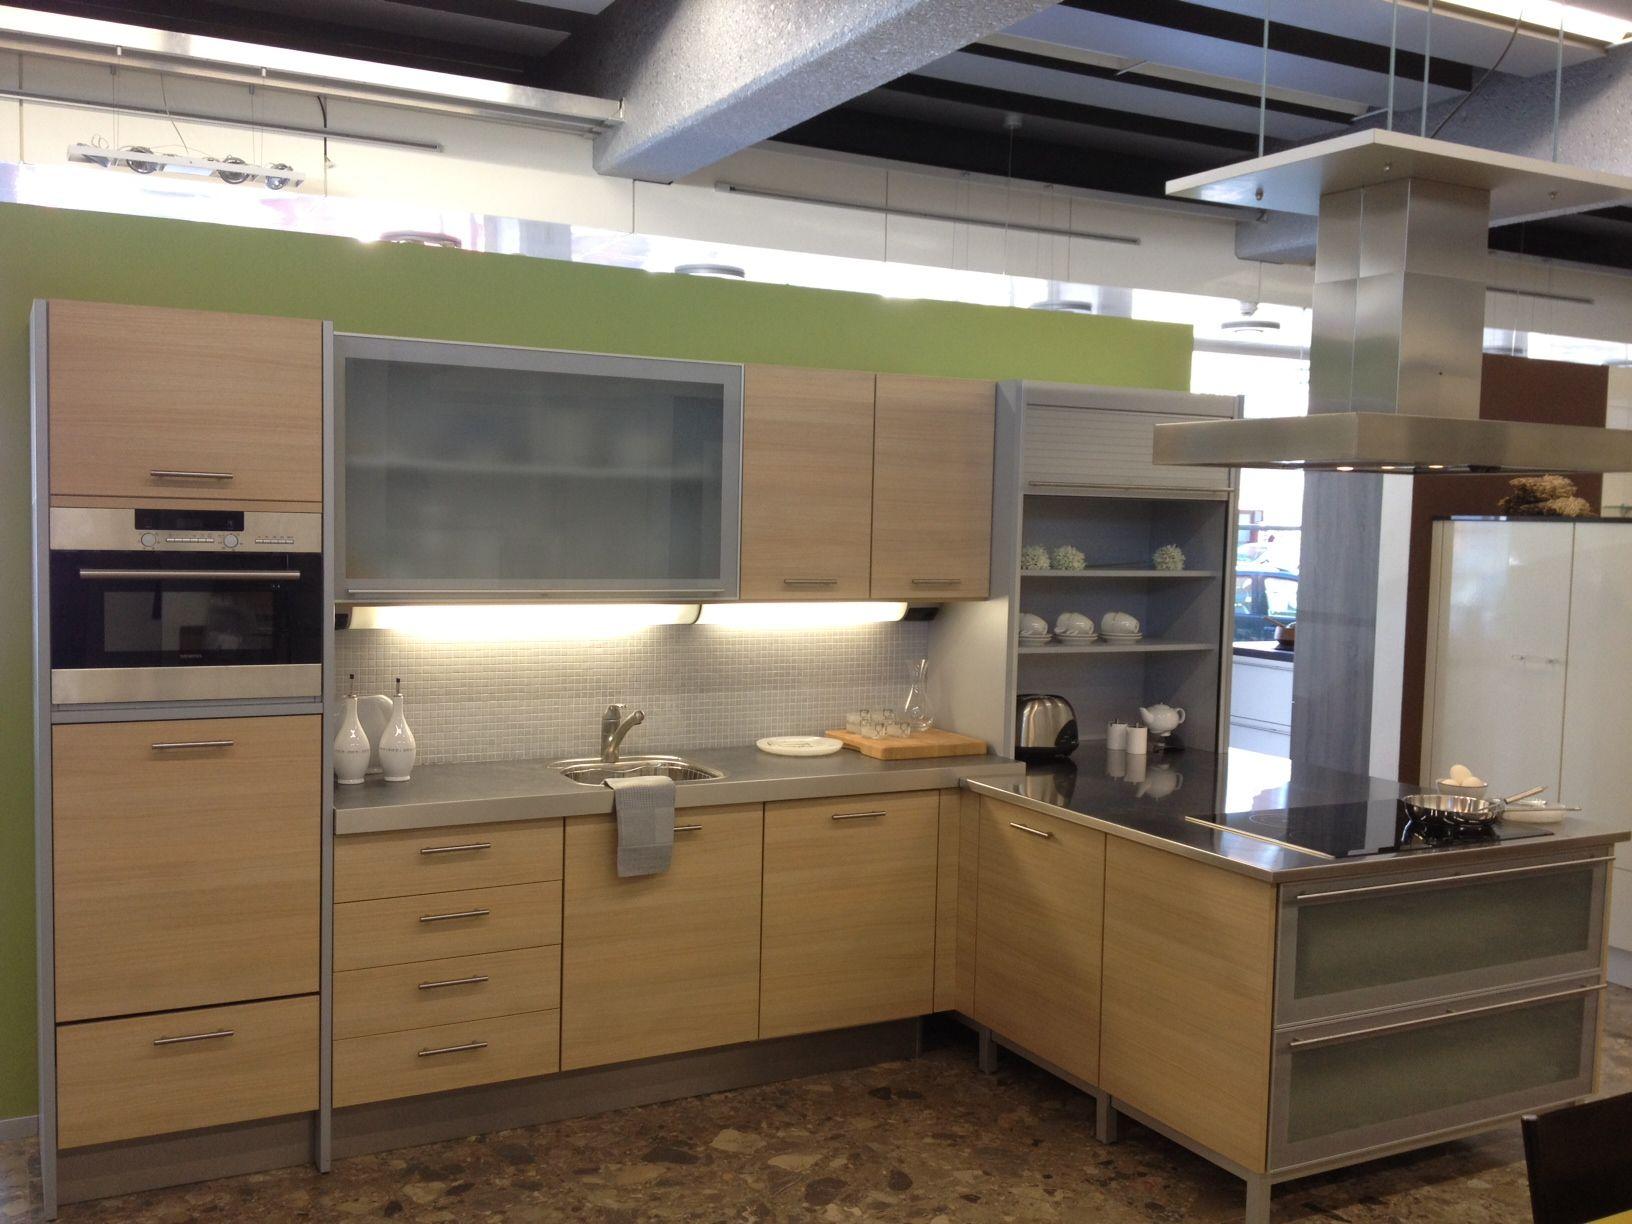 Showroomkeukens alle showroomkeuken aanbiedingen uit nederland keukens voor zeer lage keuken - Keuken licht eiken ...